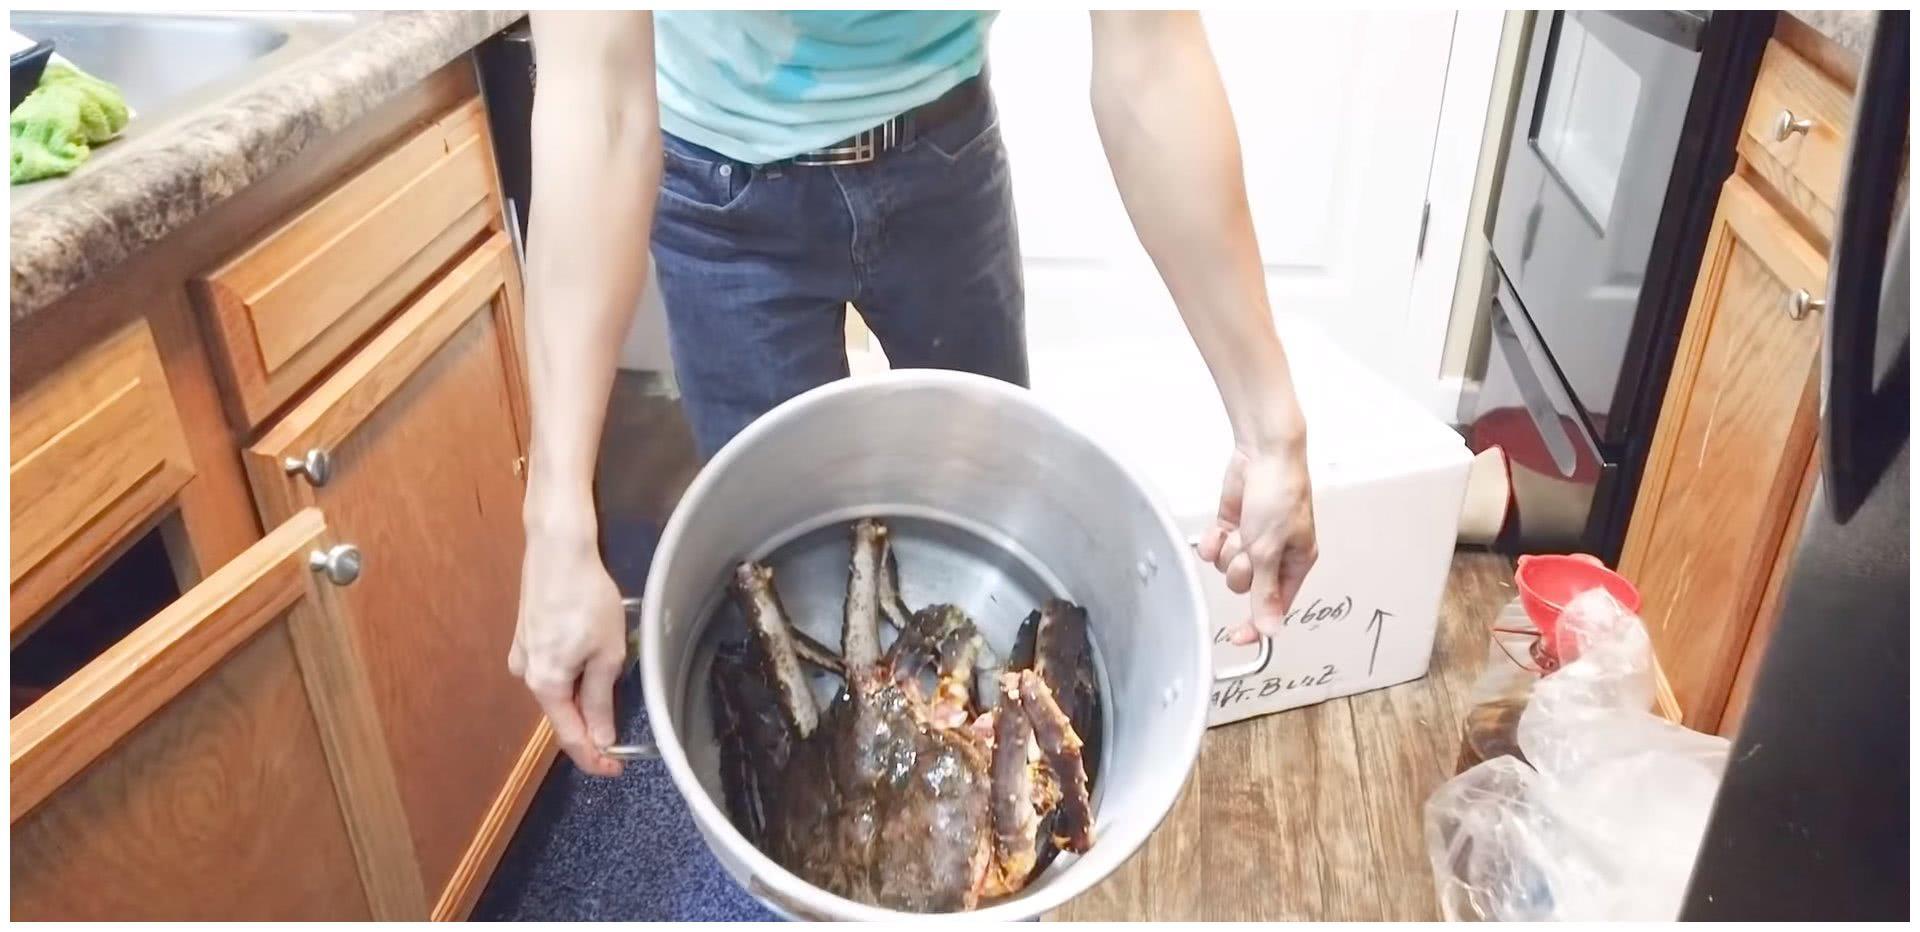 国外的土豪吃播,2600元买了一个帝王蟹,煮熟打开壳无法接受